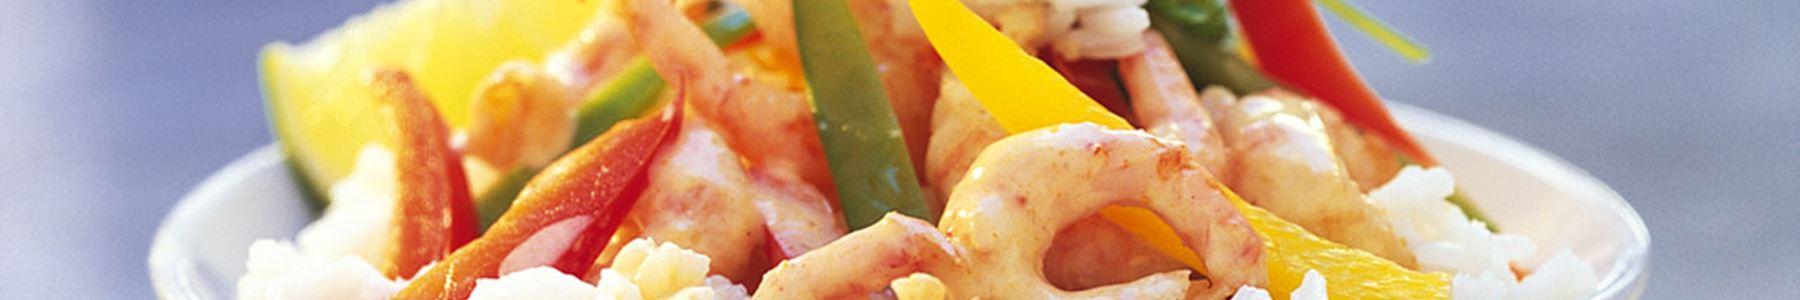 Skaldjur + Curry + Wok